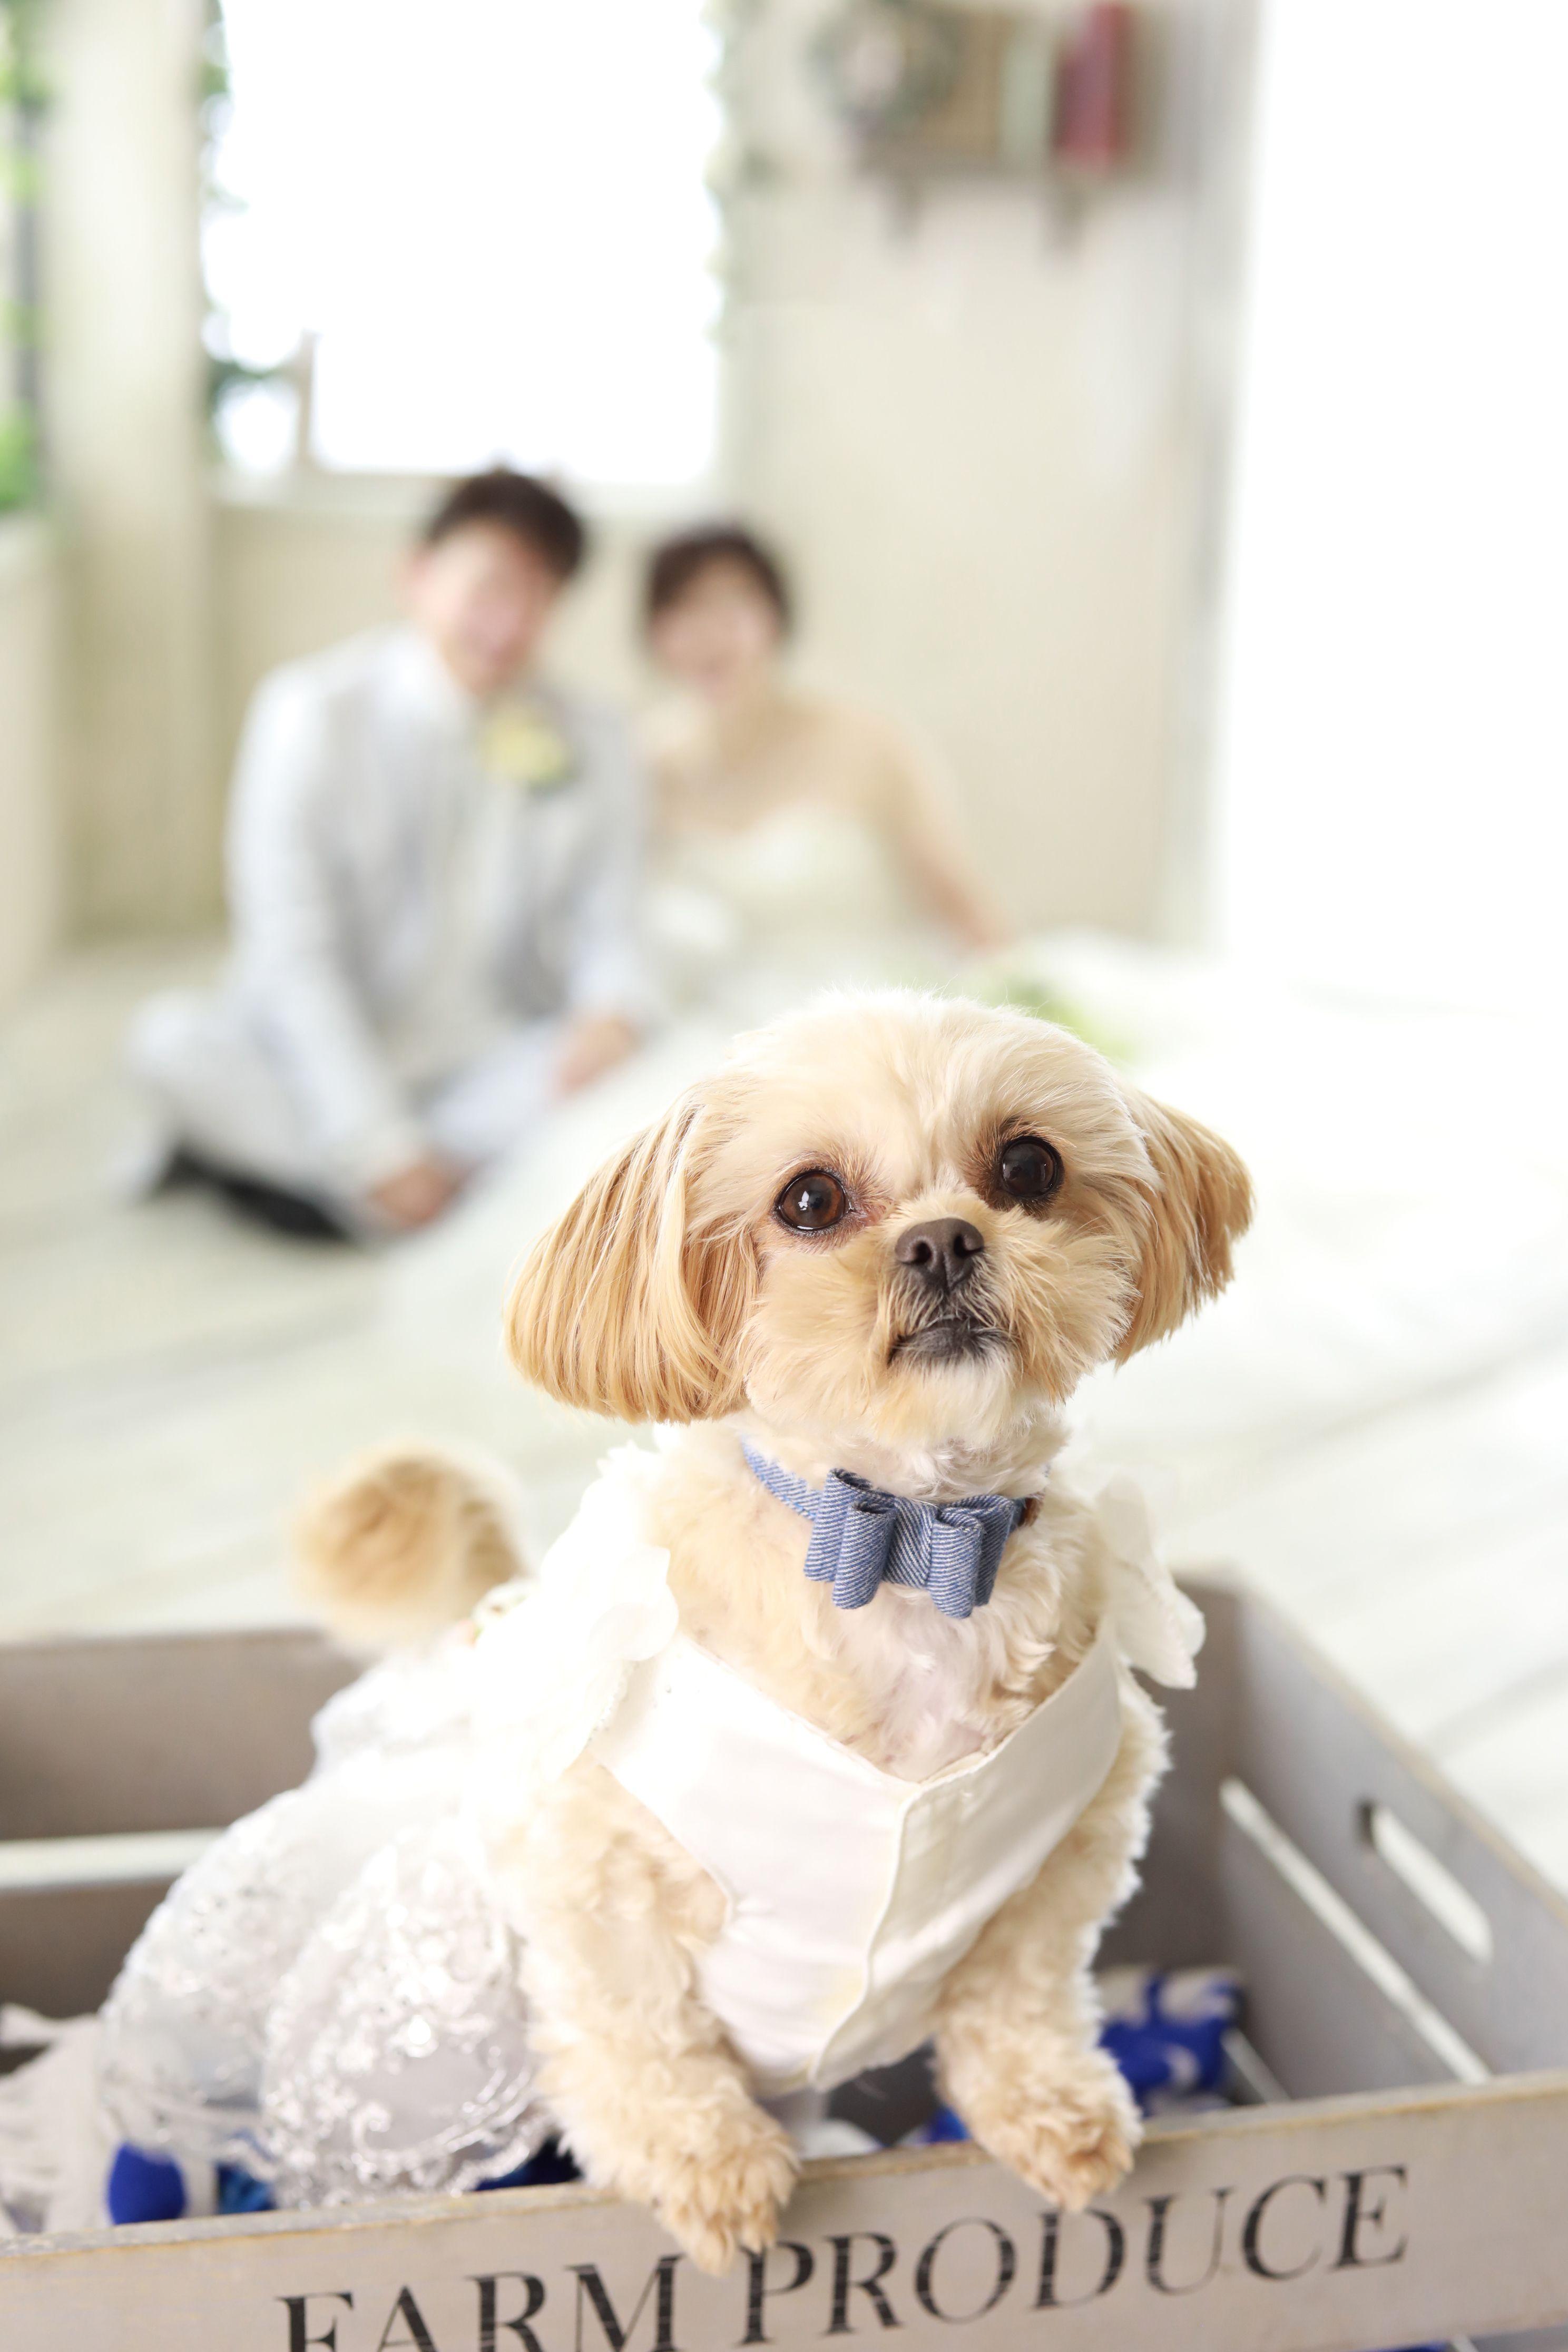 Pets Photo おしゃれまとめの人気アイデア Pinterest ブライダルフォトウェディング アンシャンテ Enchant ウェディングフォト 結婚式 ペット 結婚写真